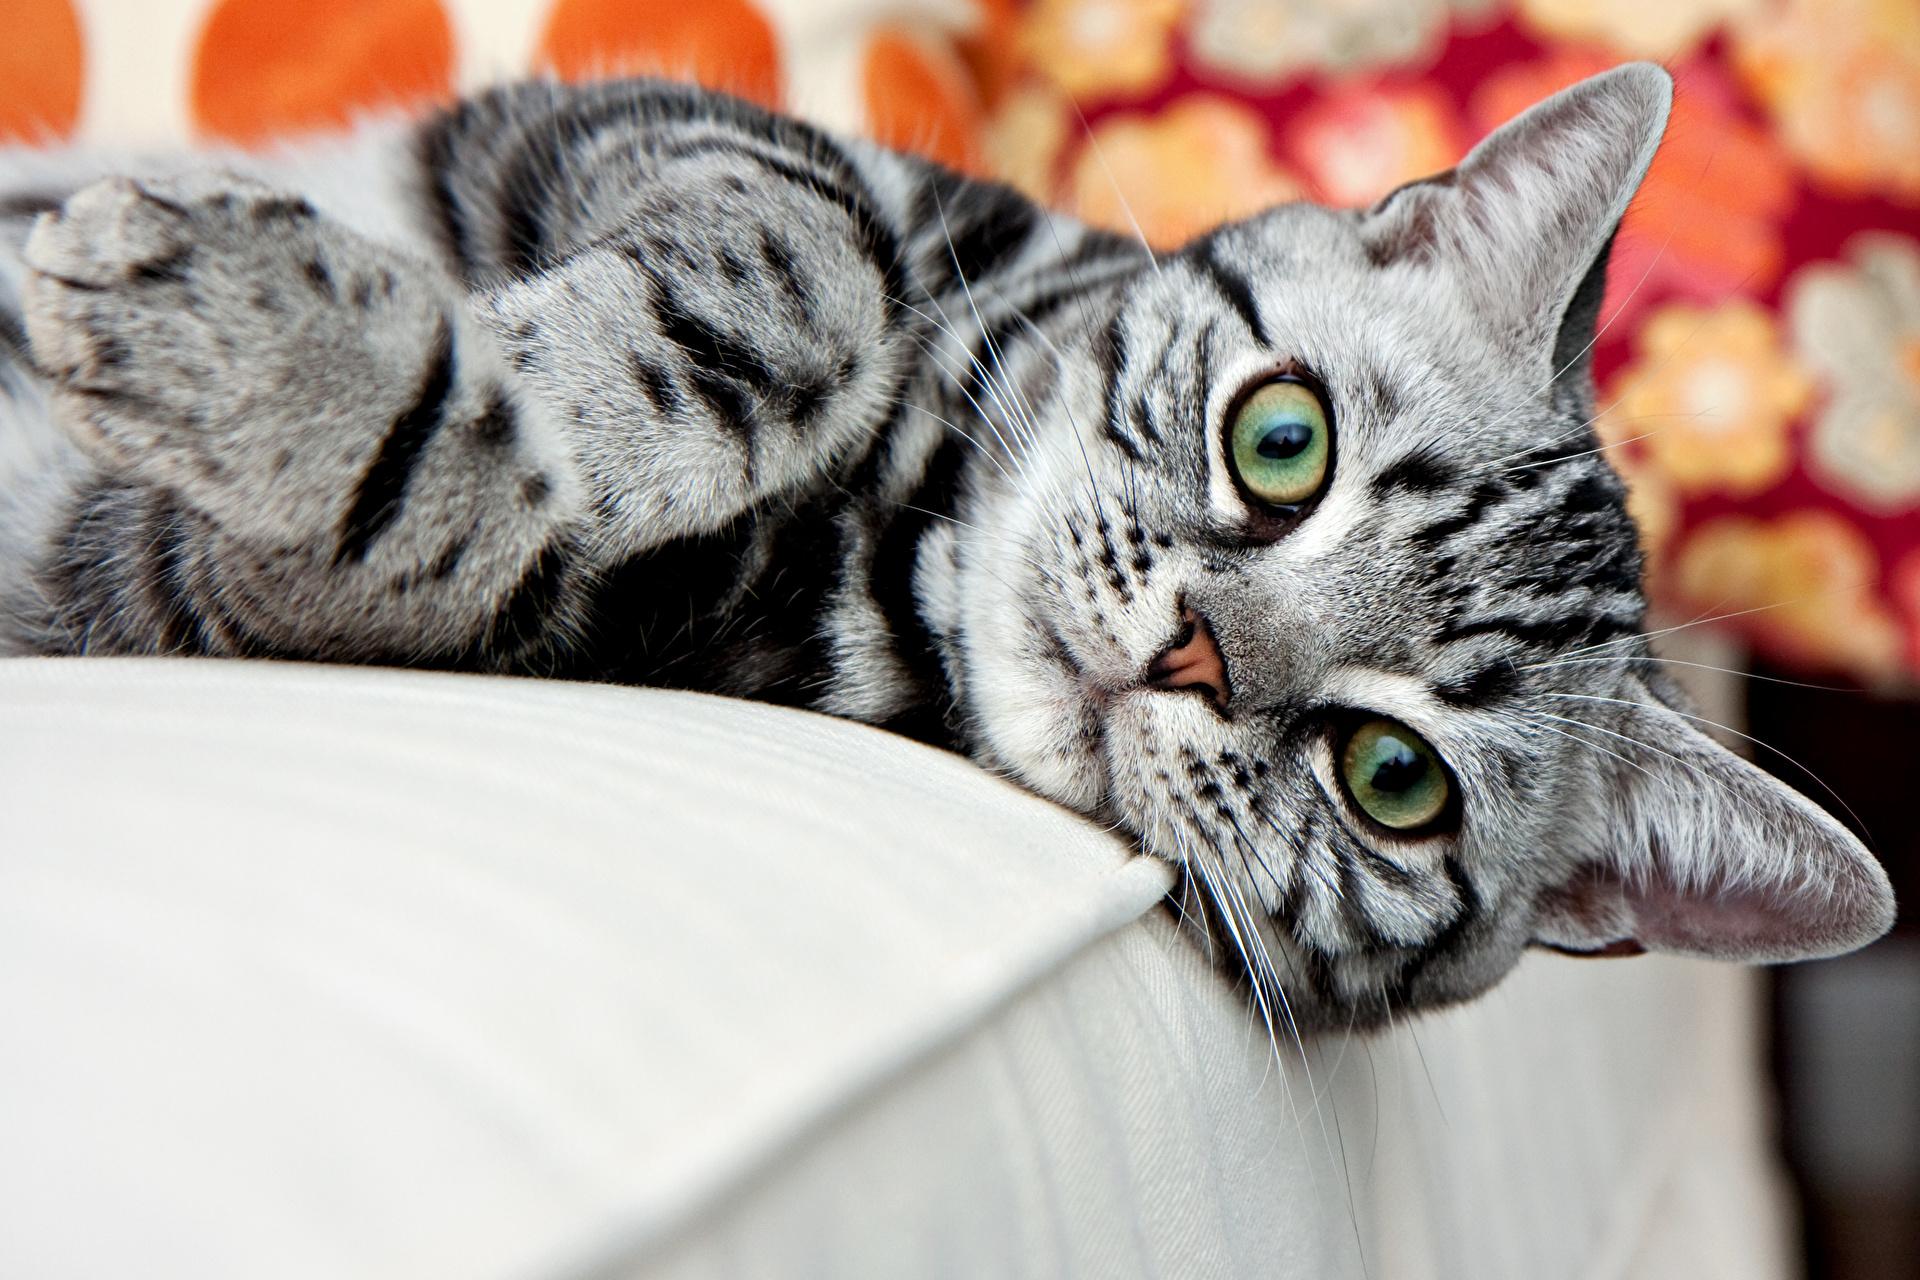 кошка зеленые глаза постель  № 3655453 бесплатно